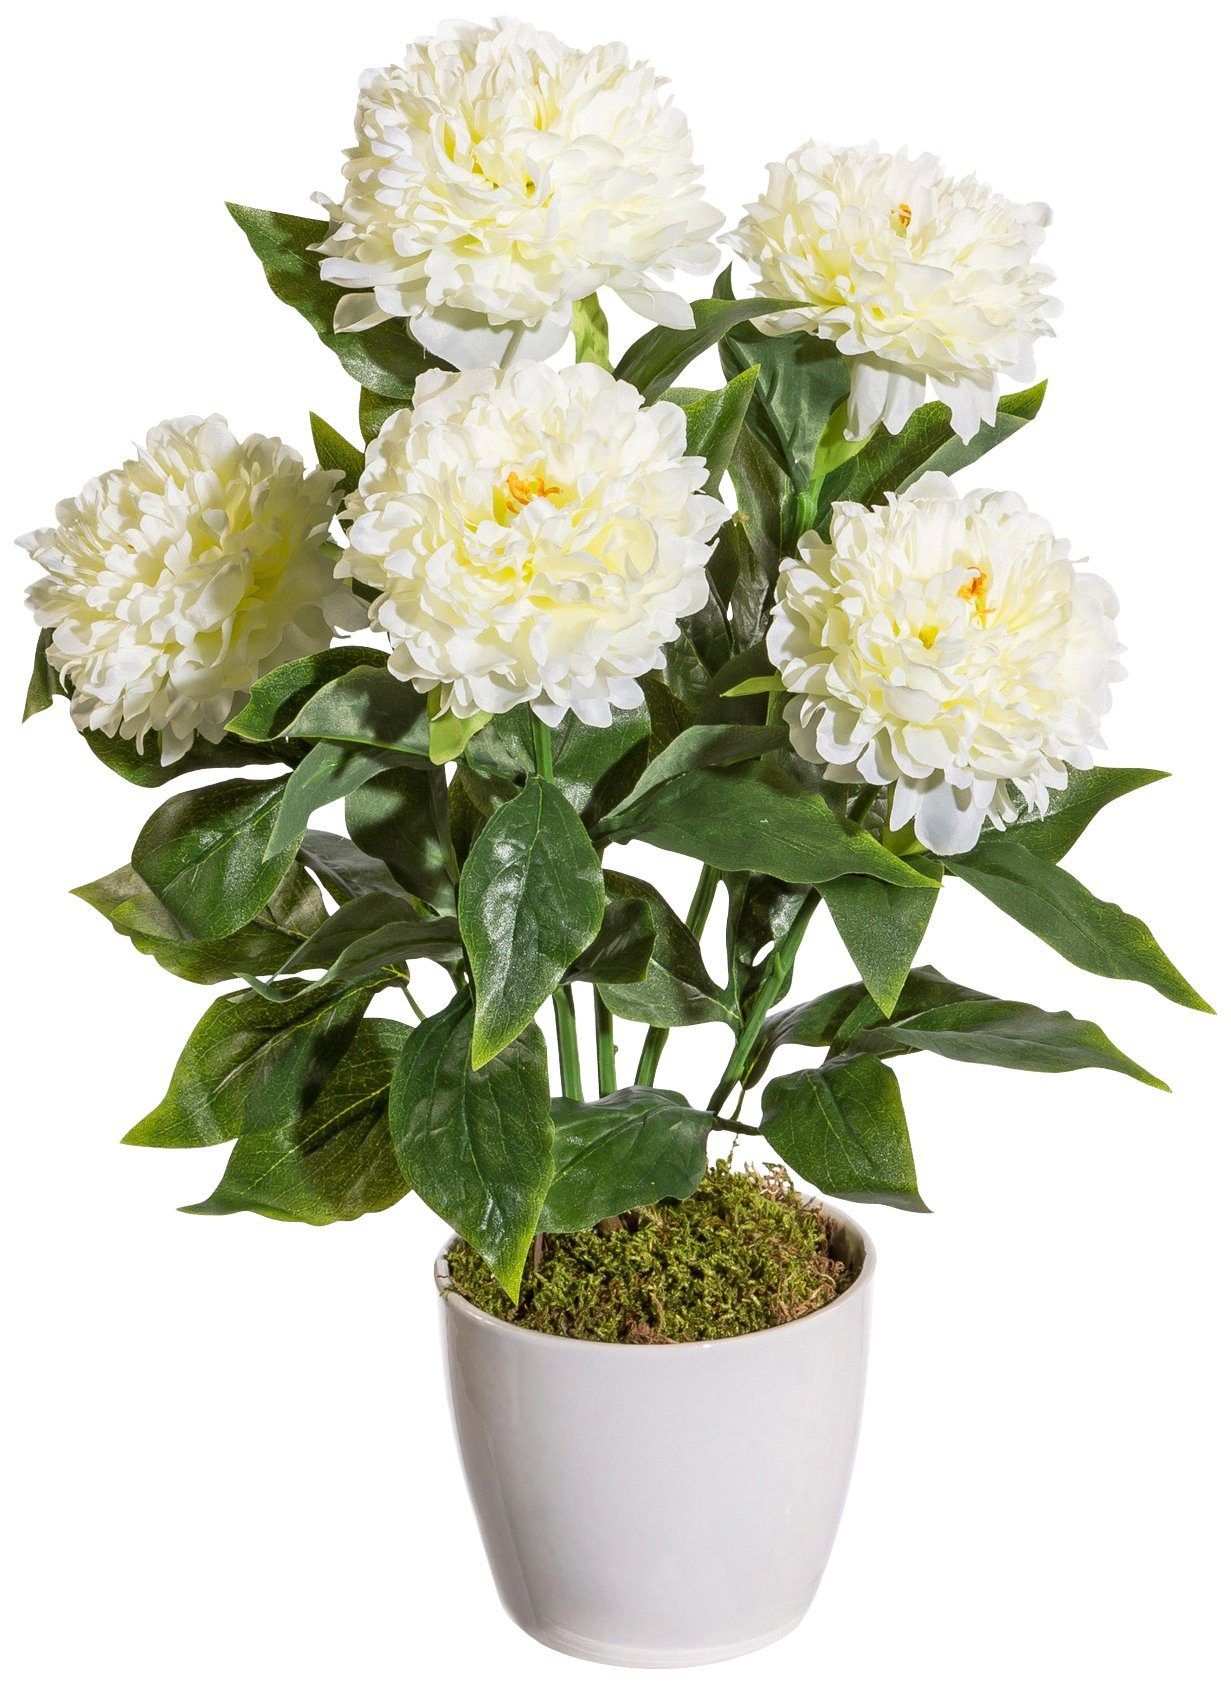 Kunstpflanze »Peonie«, im Keramiktopf, Höhe 50 cm, weiß